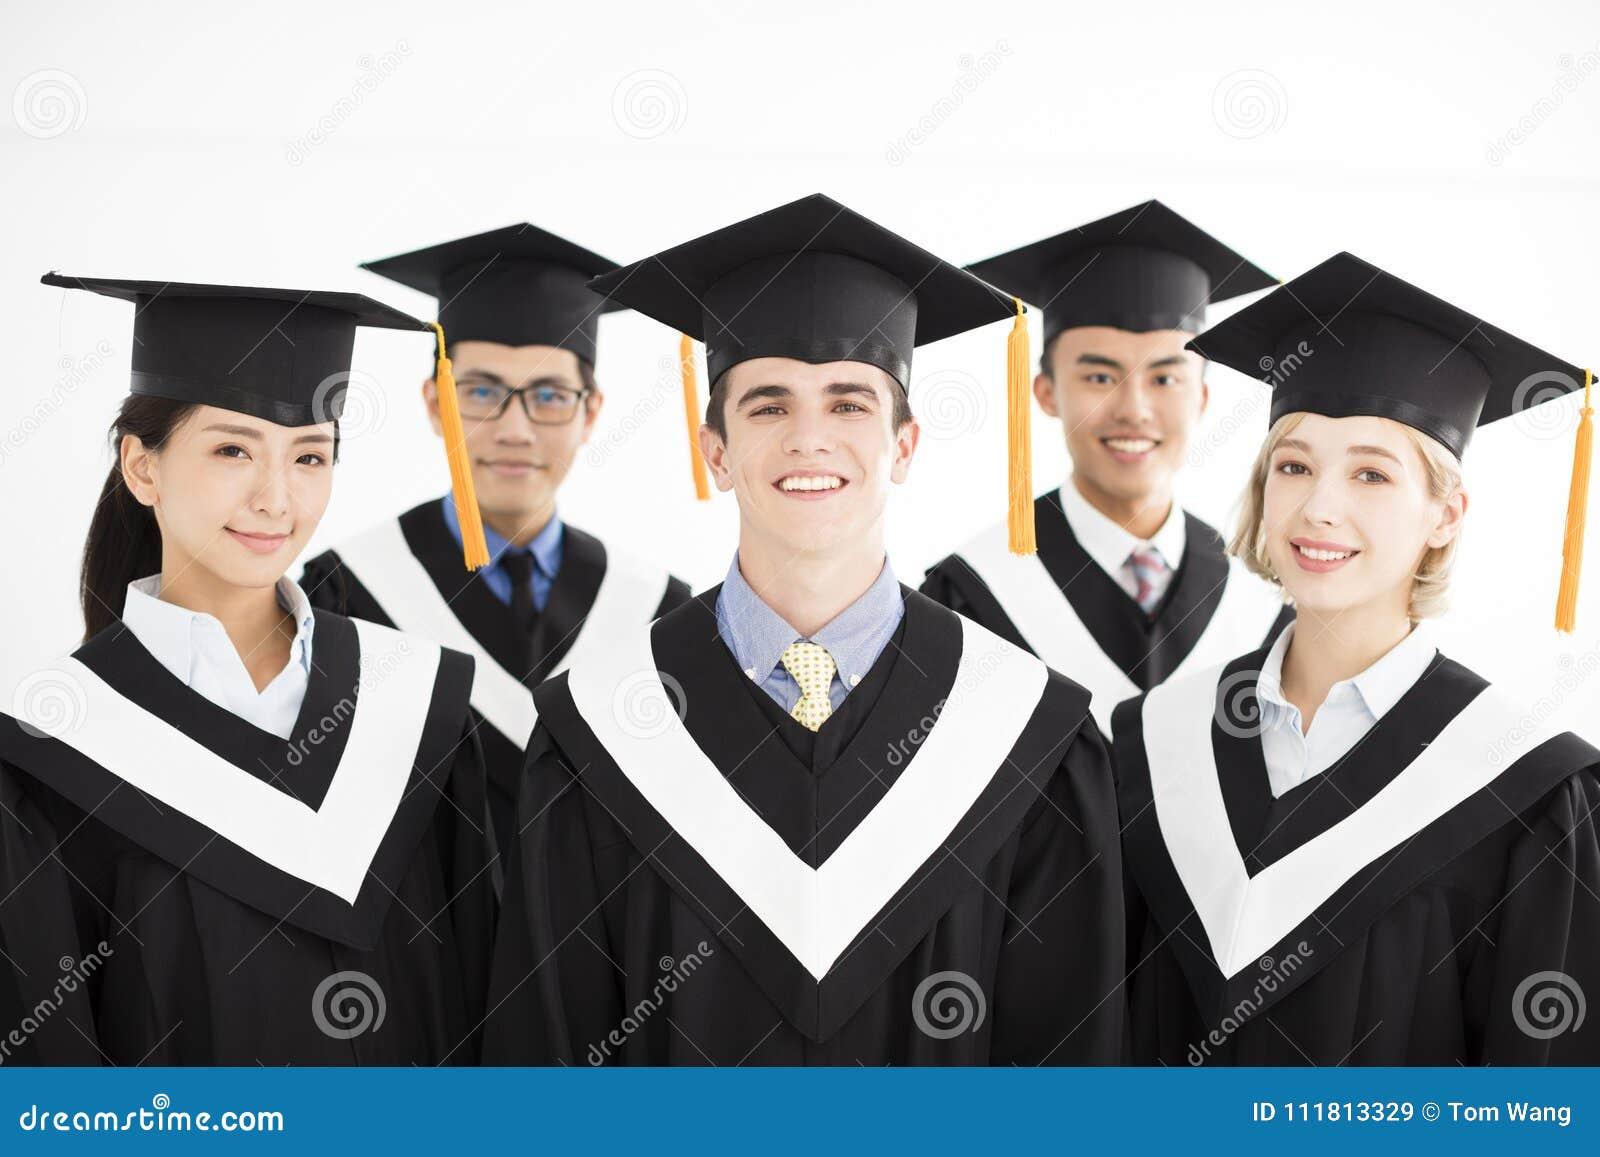 Gegradueerde bij graduatie met klasgenoten